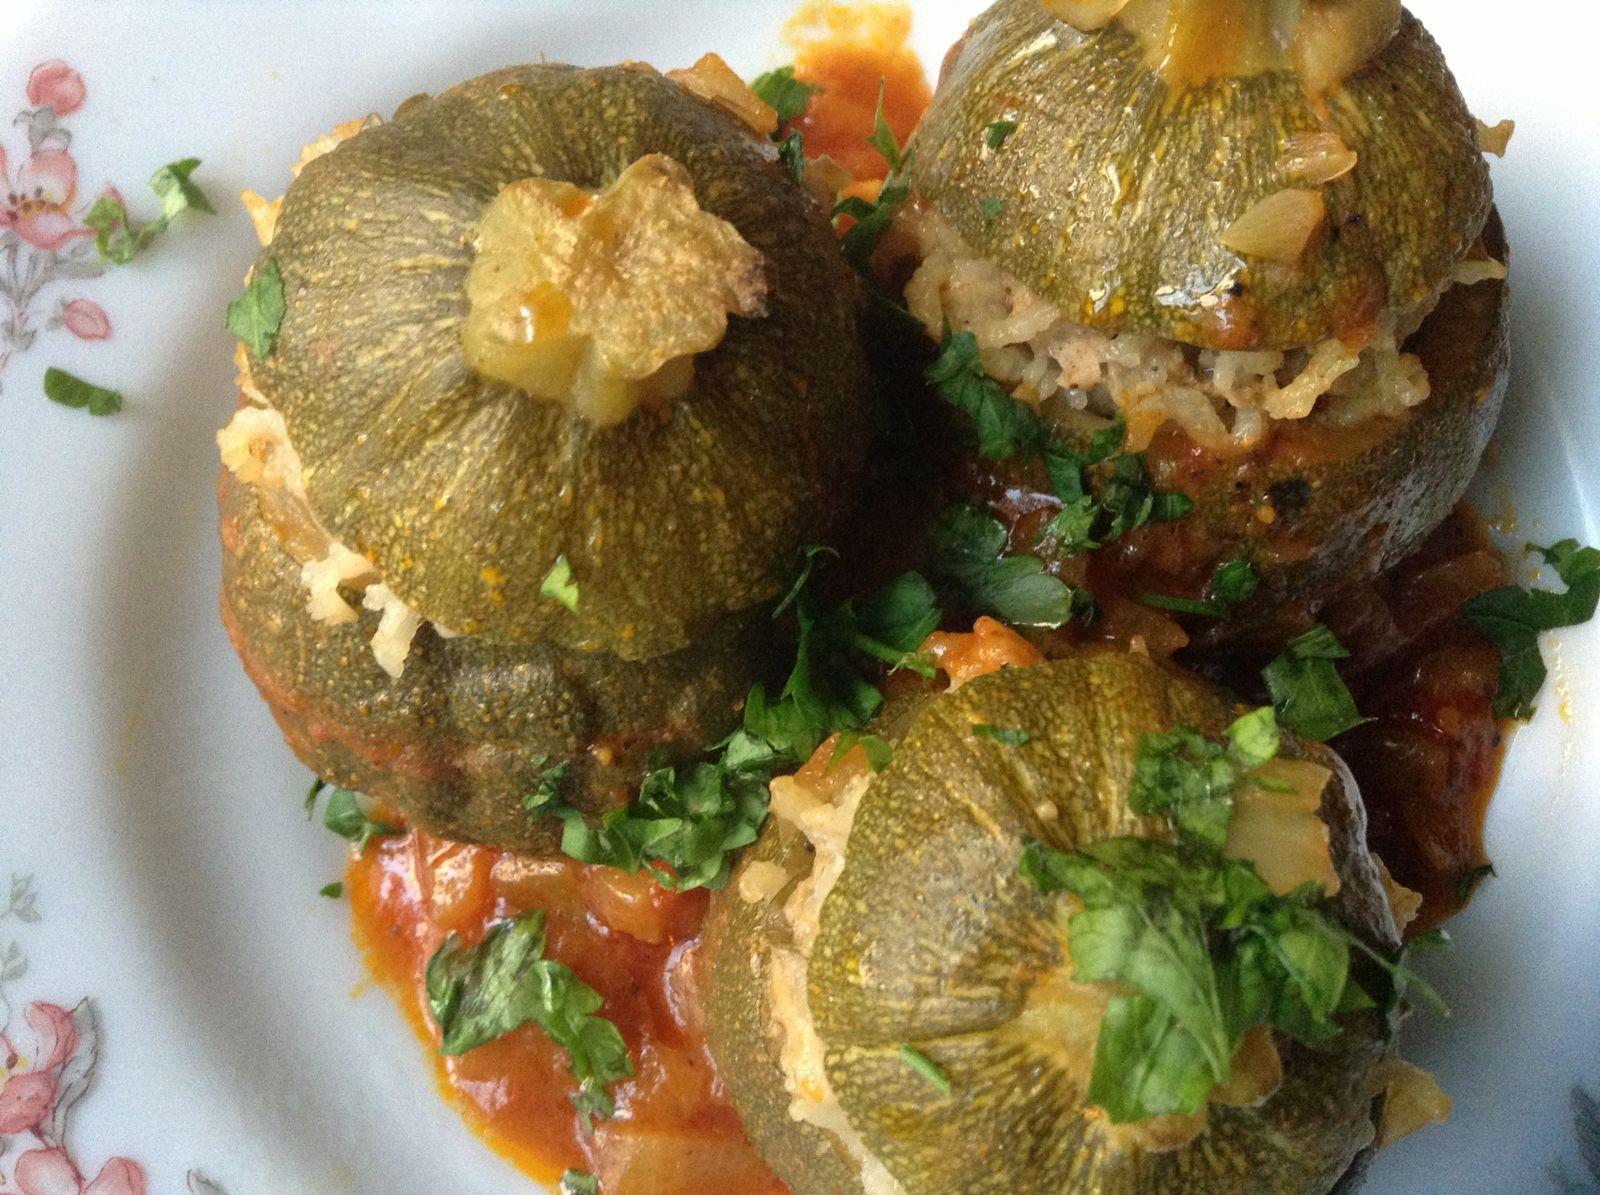 Courgettes farcie pour ramadan - Blog de cuisine orientale pour le ramadan ...